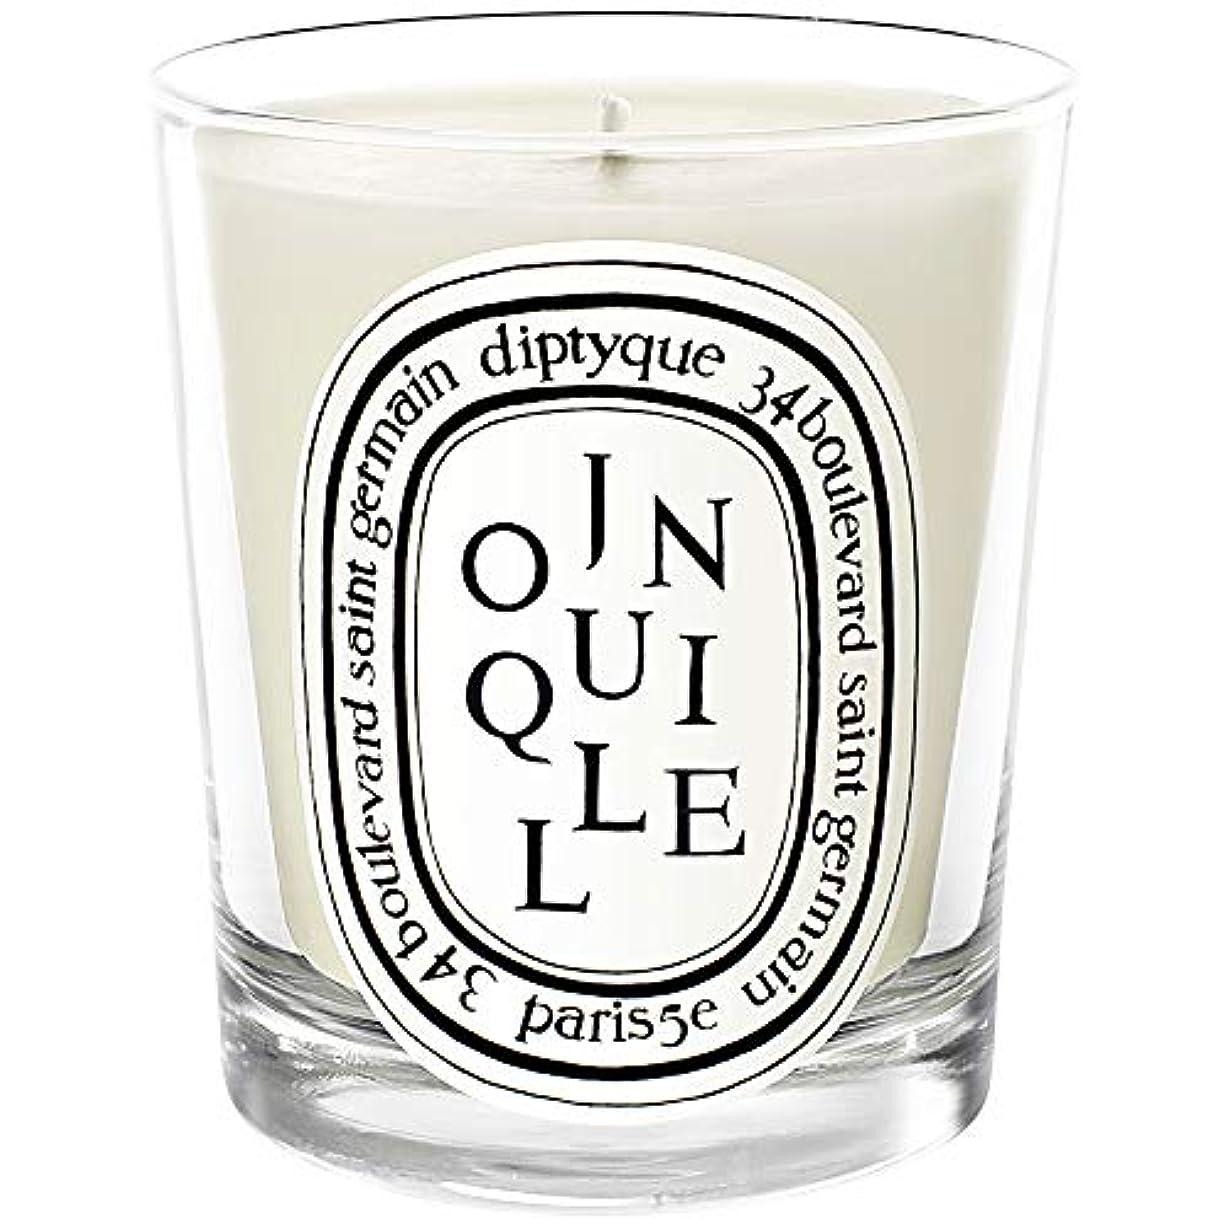 レベル付録霜[Diptyque] Diptyque Jonquilleキャンドル190グラム - Diptyque Jonquille Candle 190g [並行輸入品]